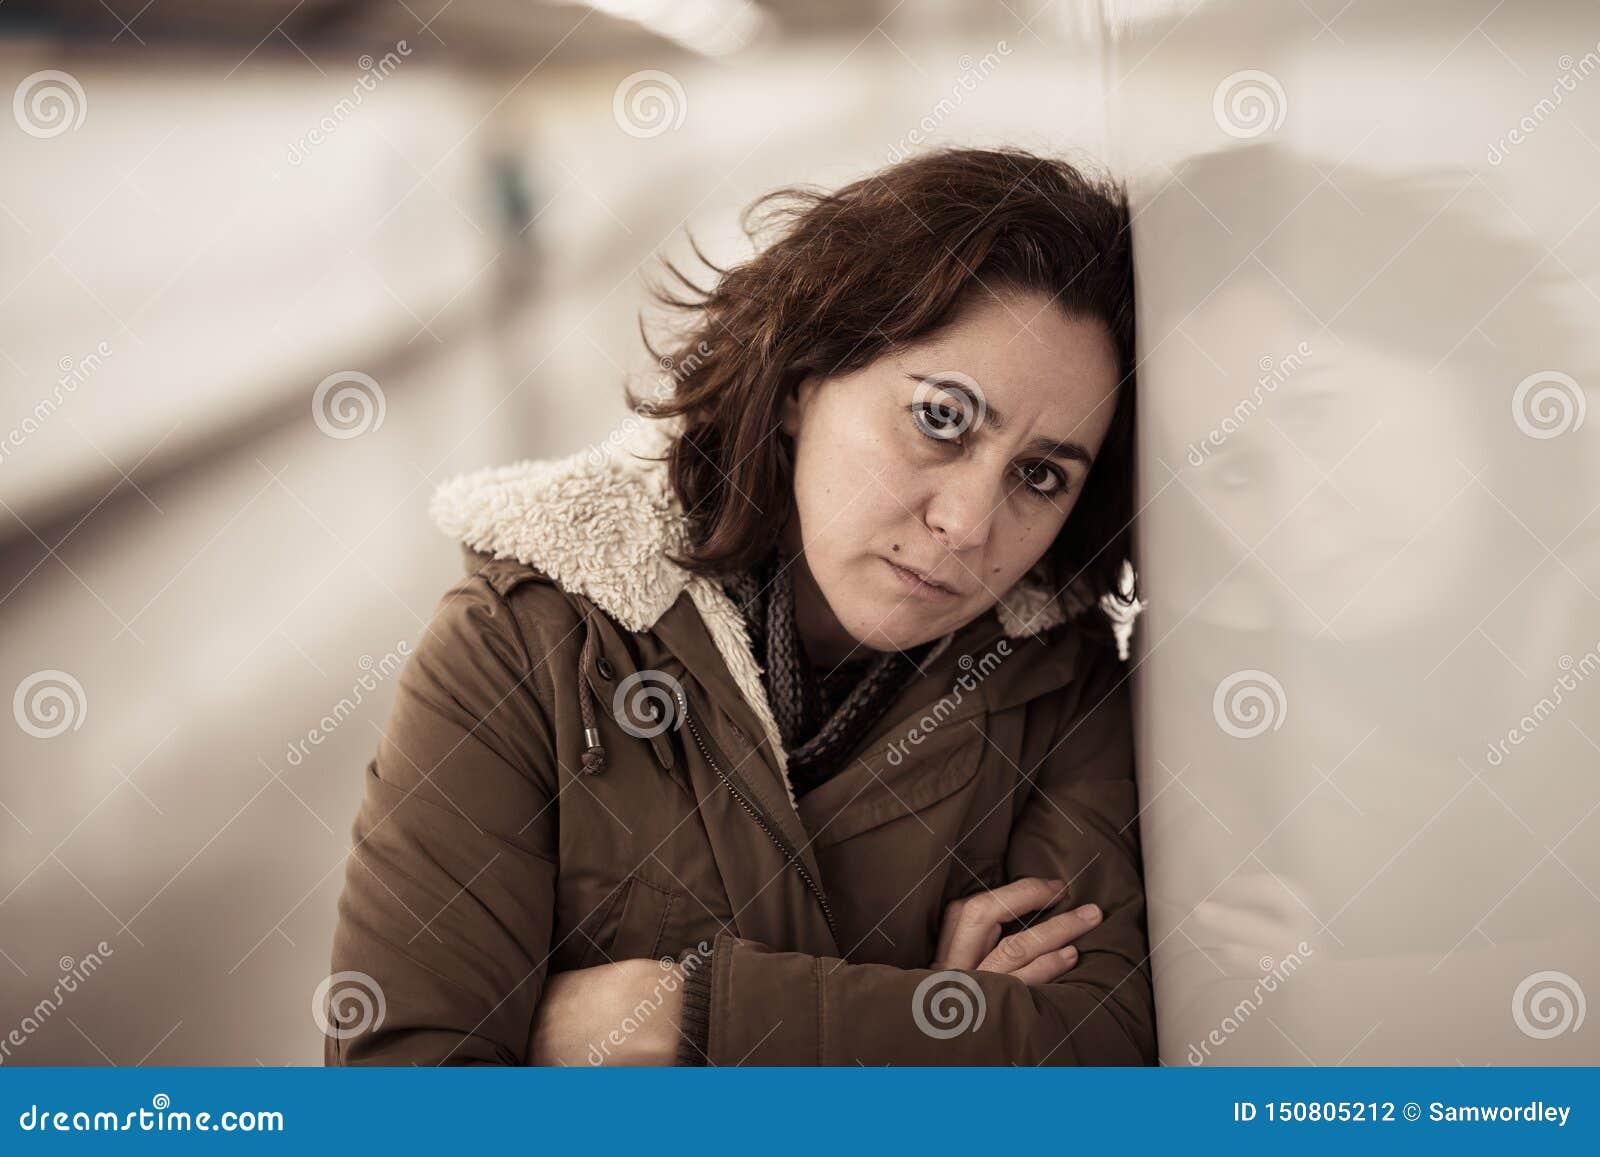 Solo desgraciado gritador triste deprimido de la sensaci?n de la mujer joven en submarino